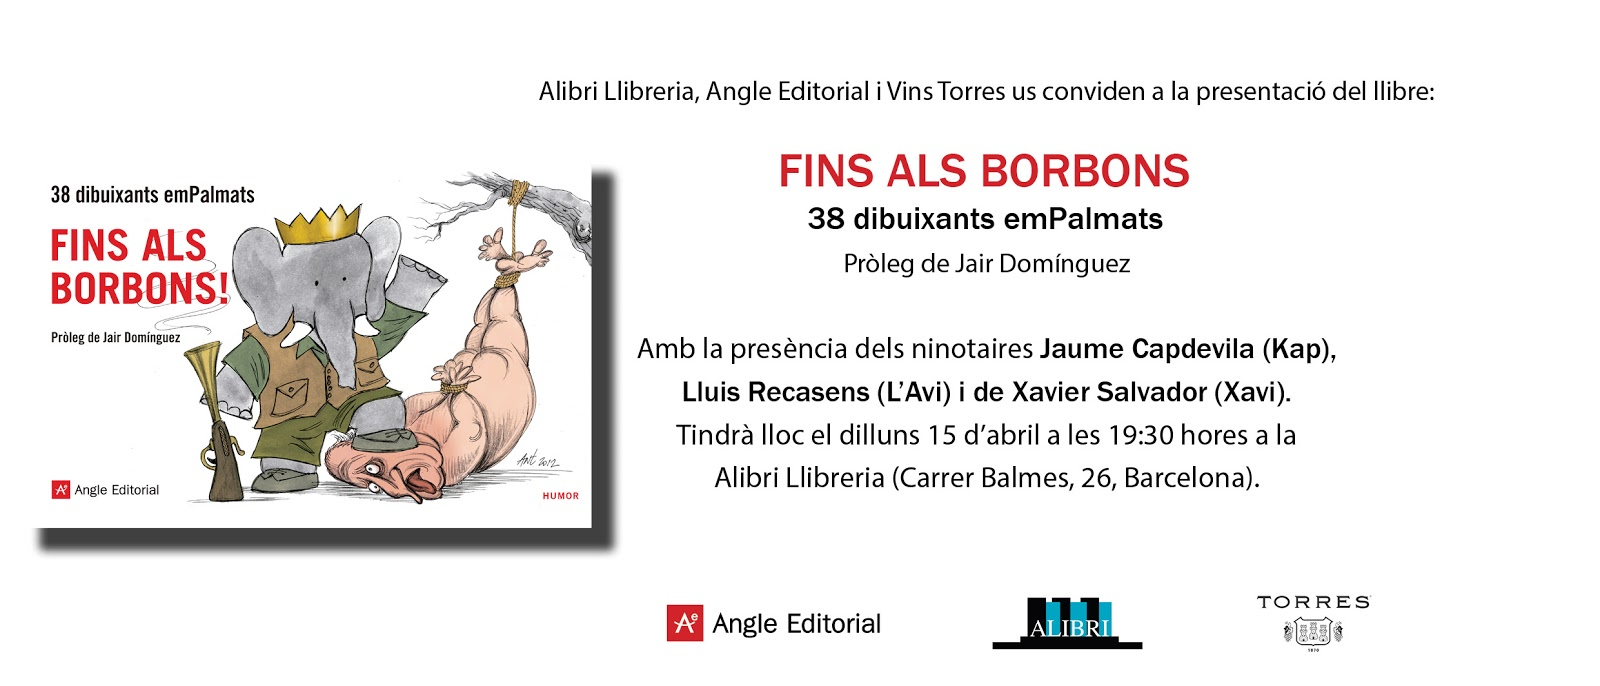 Fins als Borbons, 38 dibuixants emPalmats i Jair Domínguez. Angle Editorial